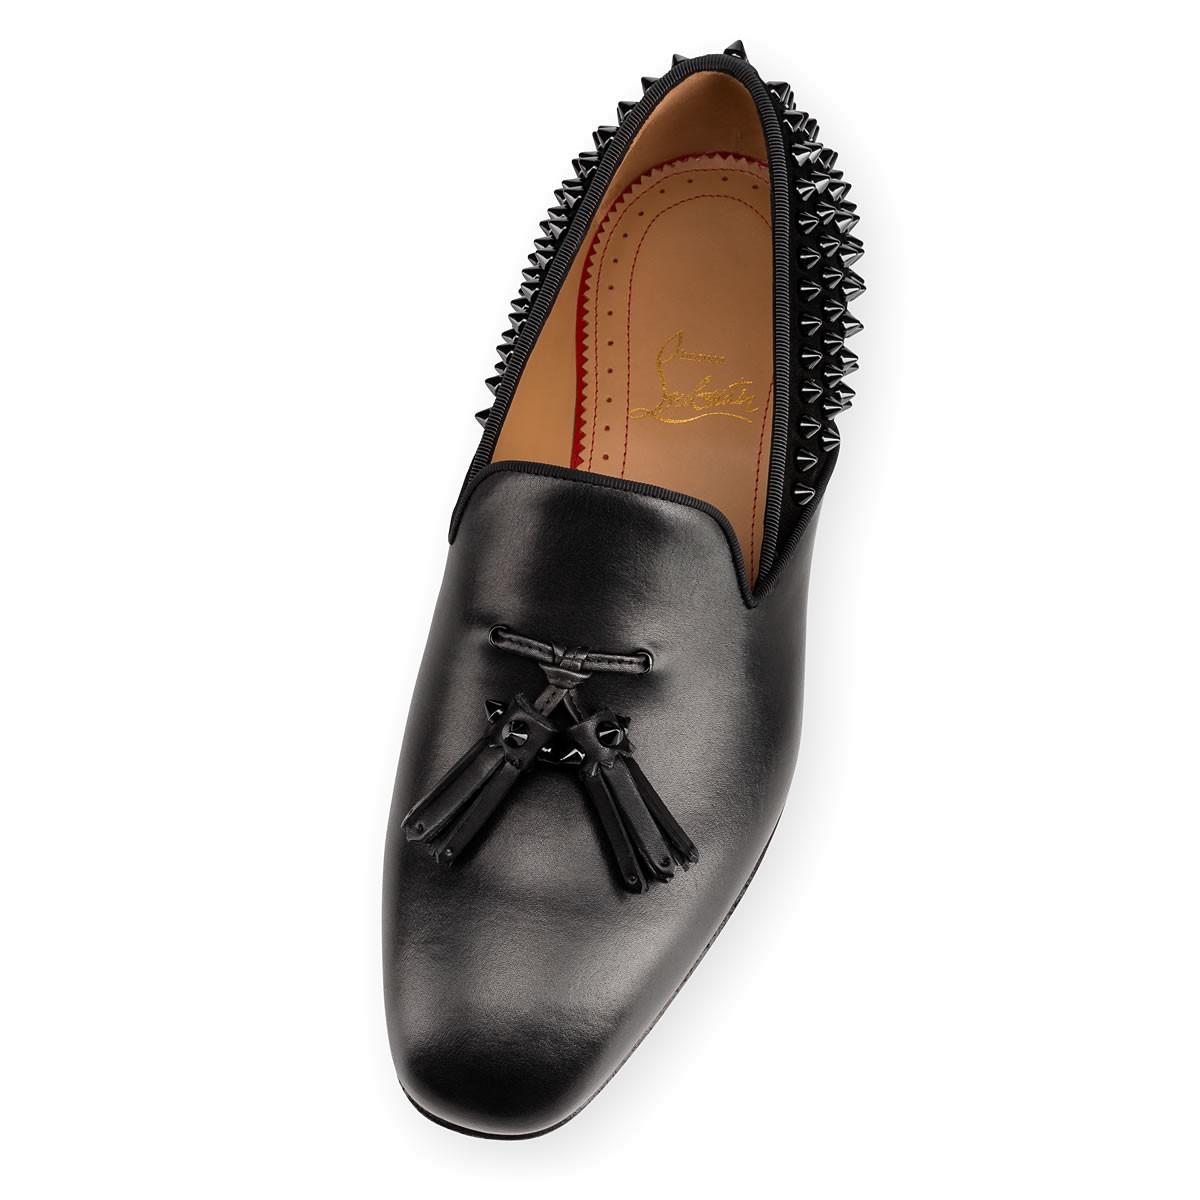 鞋履 - Tassilo - Christian Louboutin